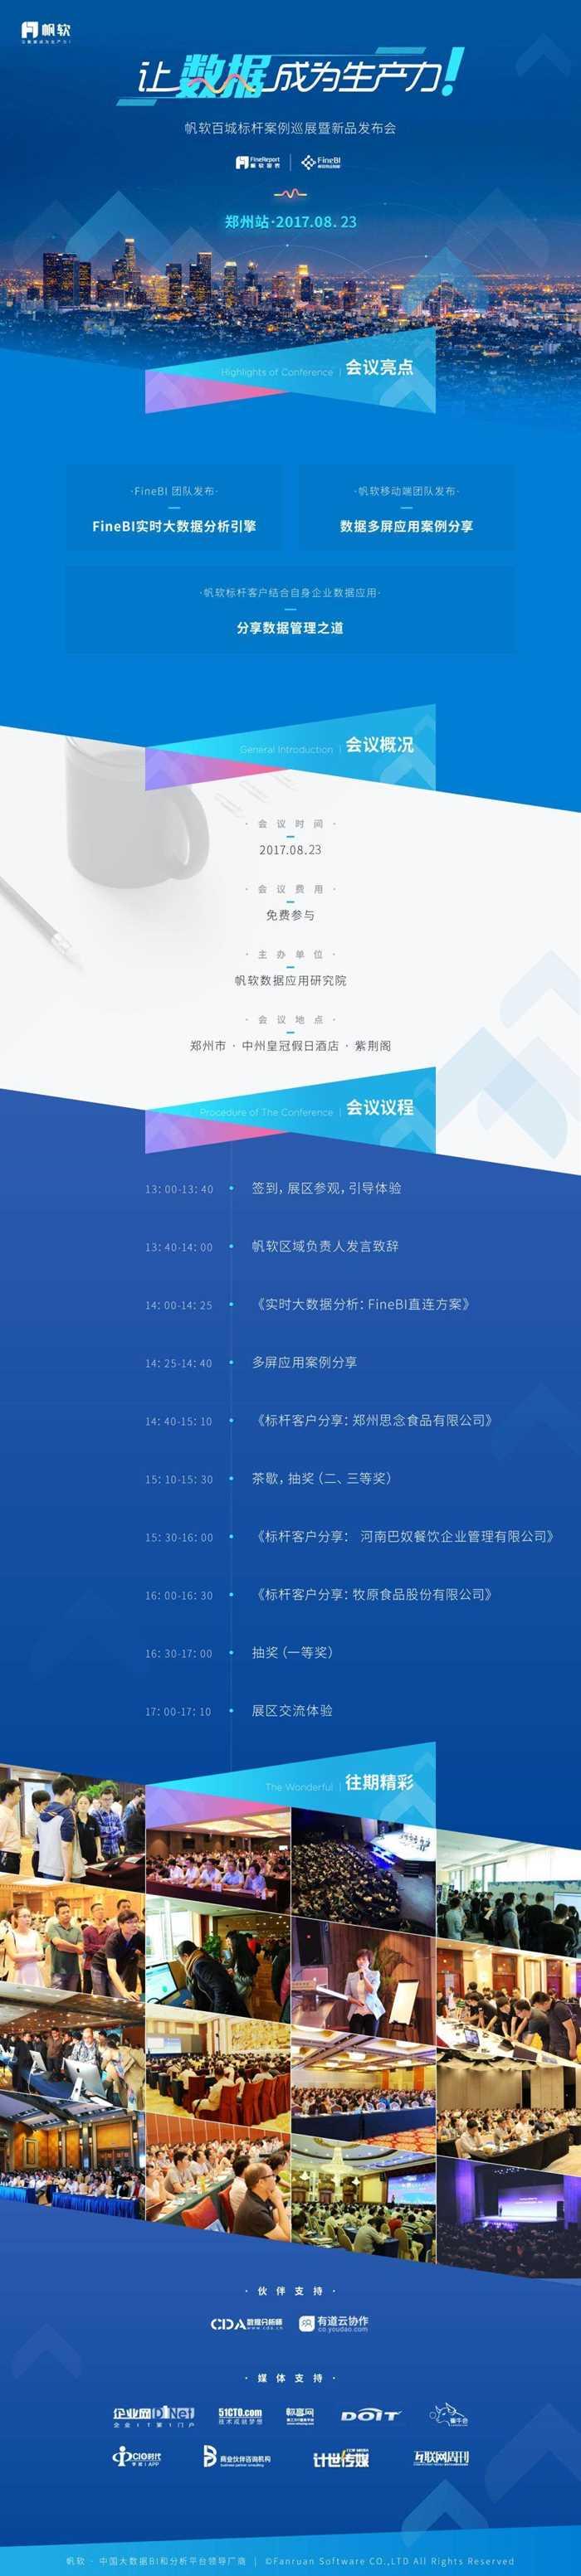 web邀请_郑州站_800x3550@2_3.jpg